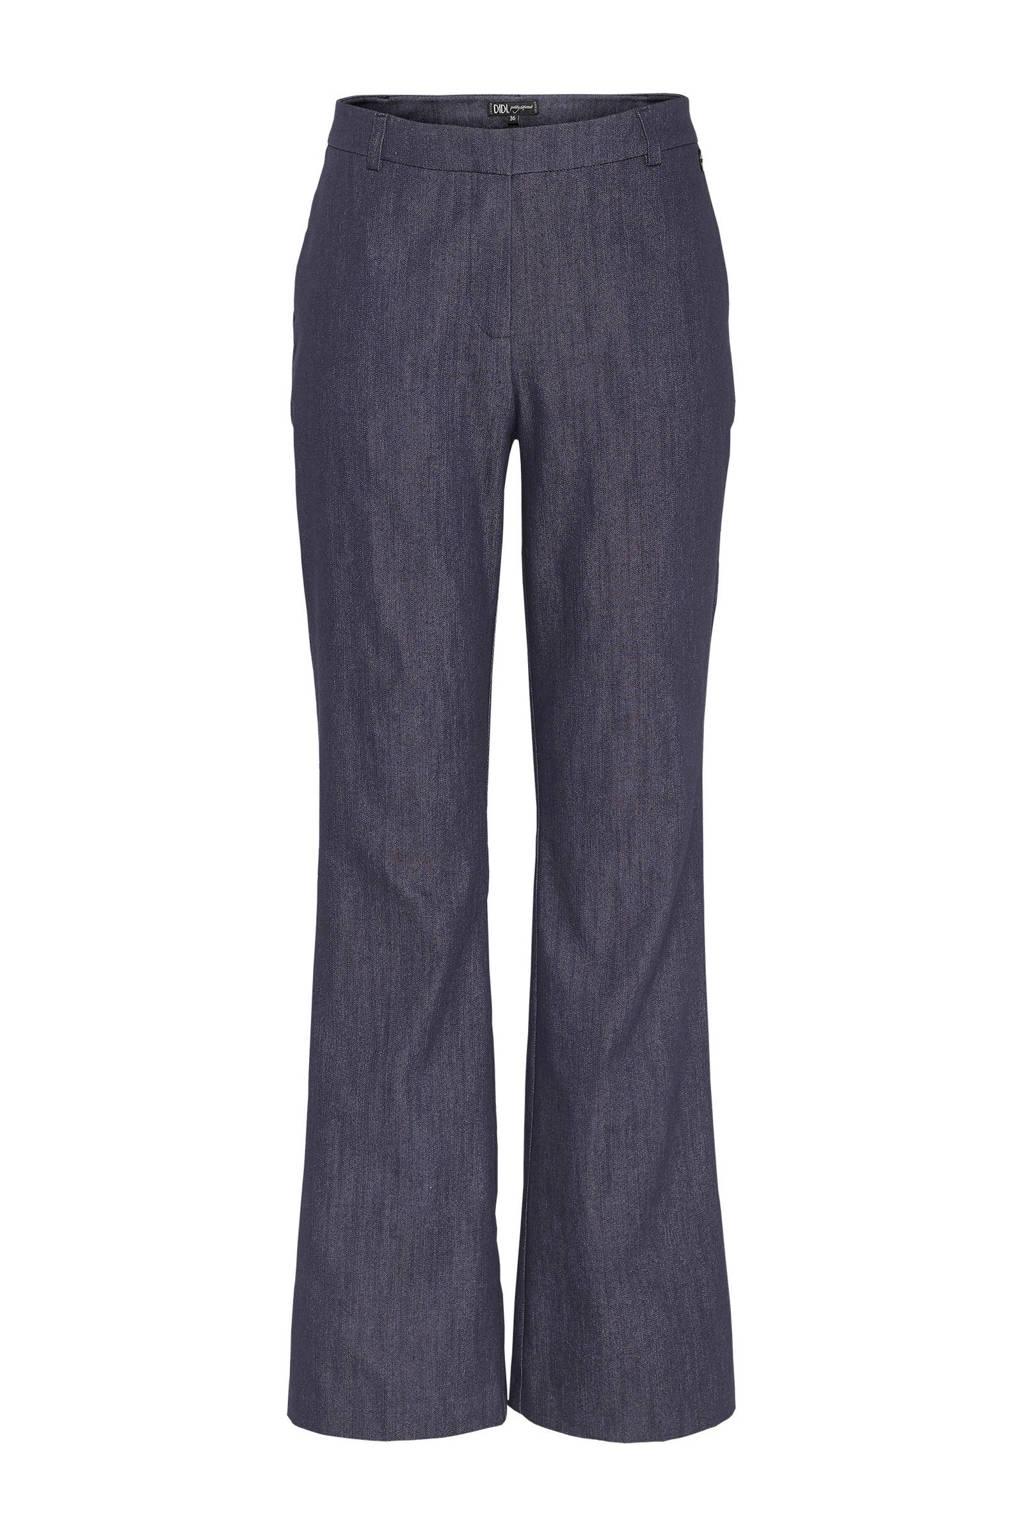 Didi high waist flared jeans, Dark denim